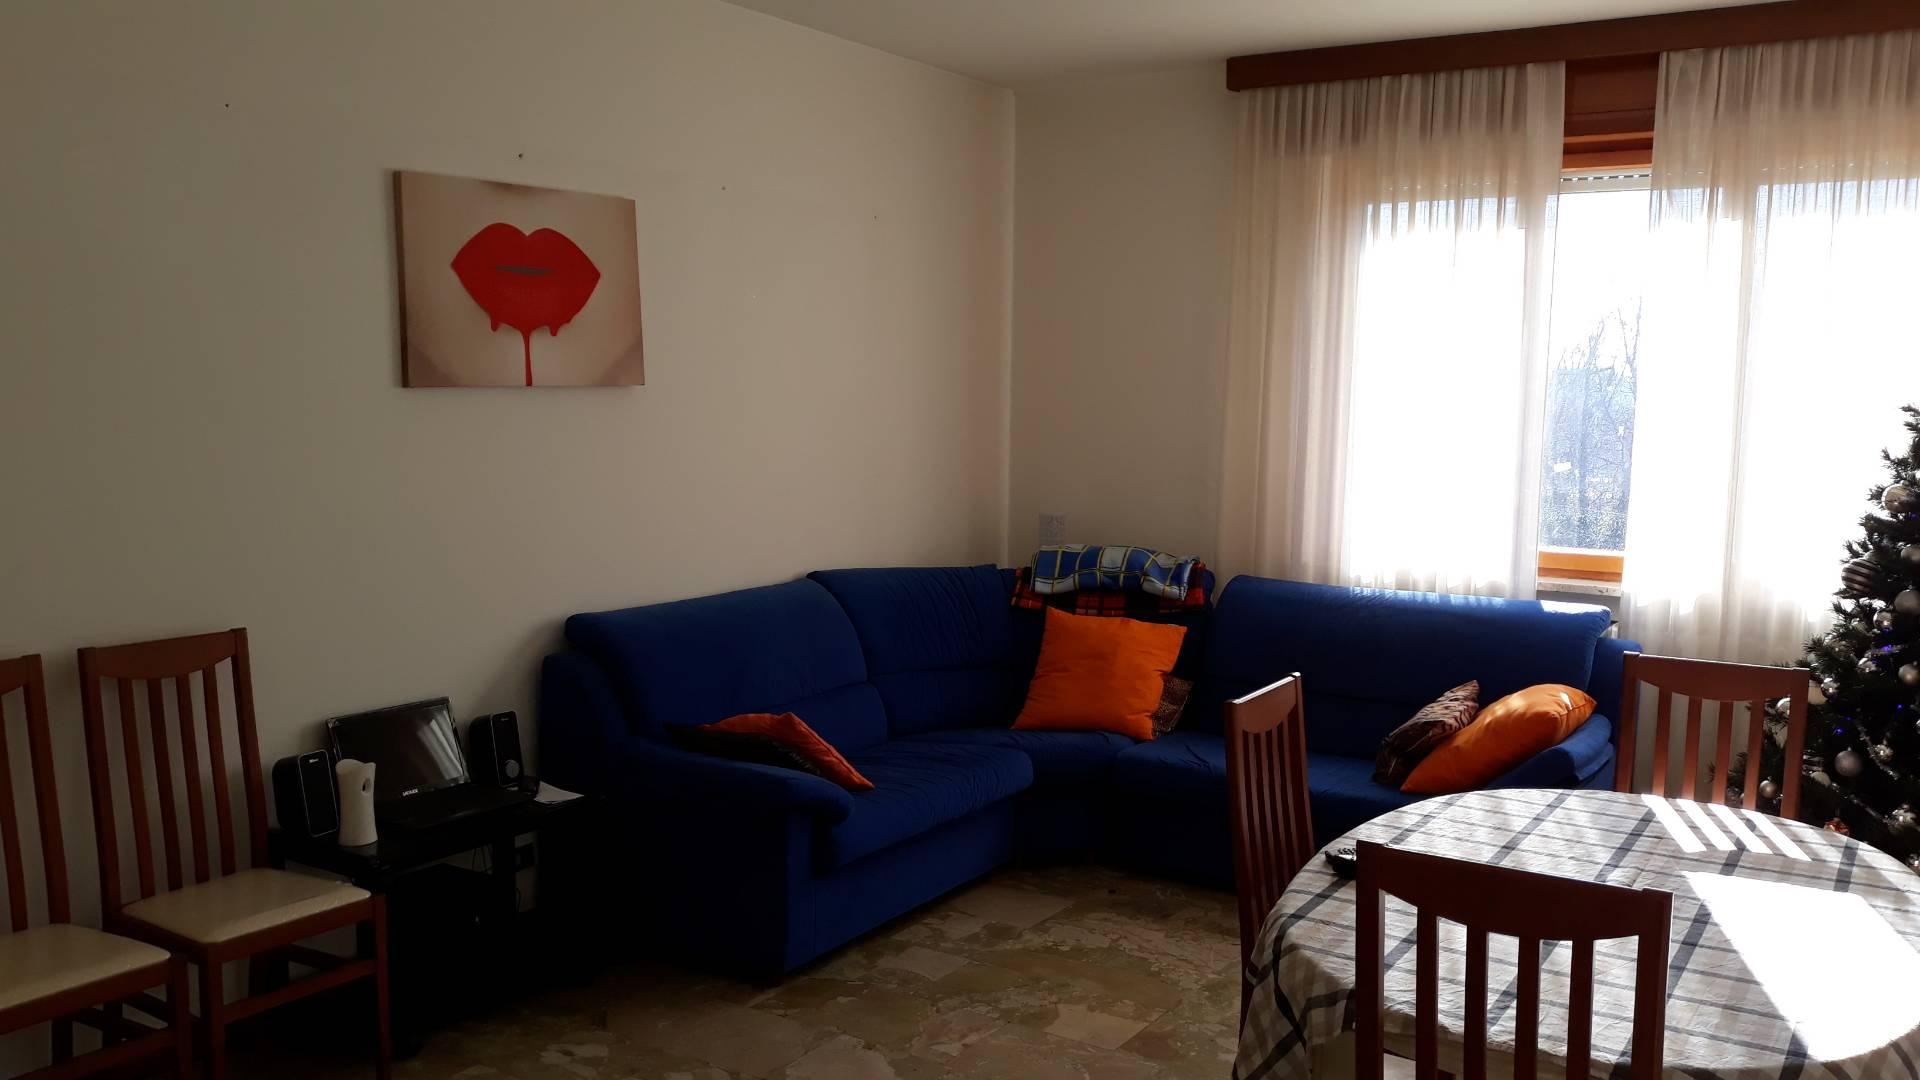 Appartamento in affitto a Varese, 2 locali, zona Zona: Bizzozzero, prezzo € 500 | CambioCasa.it